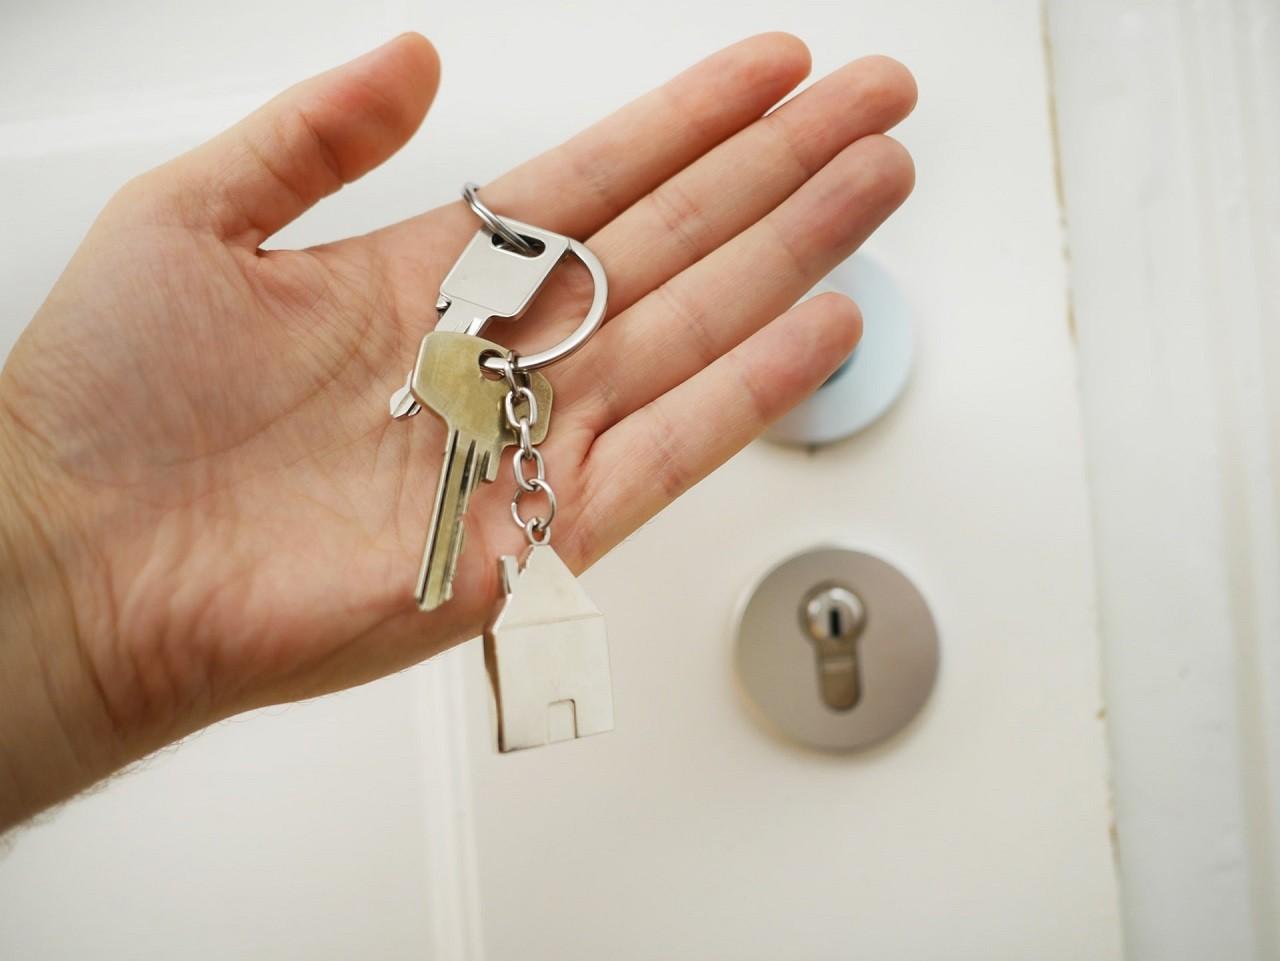 Schlüsselfinder können nicht nur dazu verwendet werden, verlorene Schlüssel wiederzufinden. Sie eigenen sich auch für Handtaschen, Brieftaschen uvm.